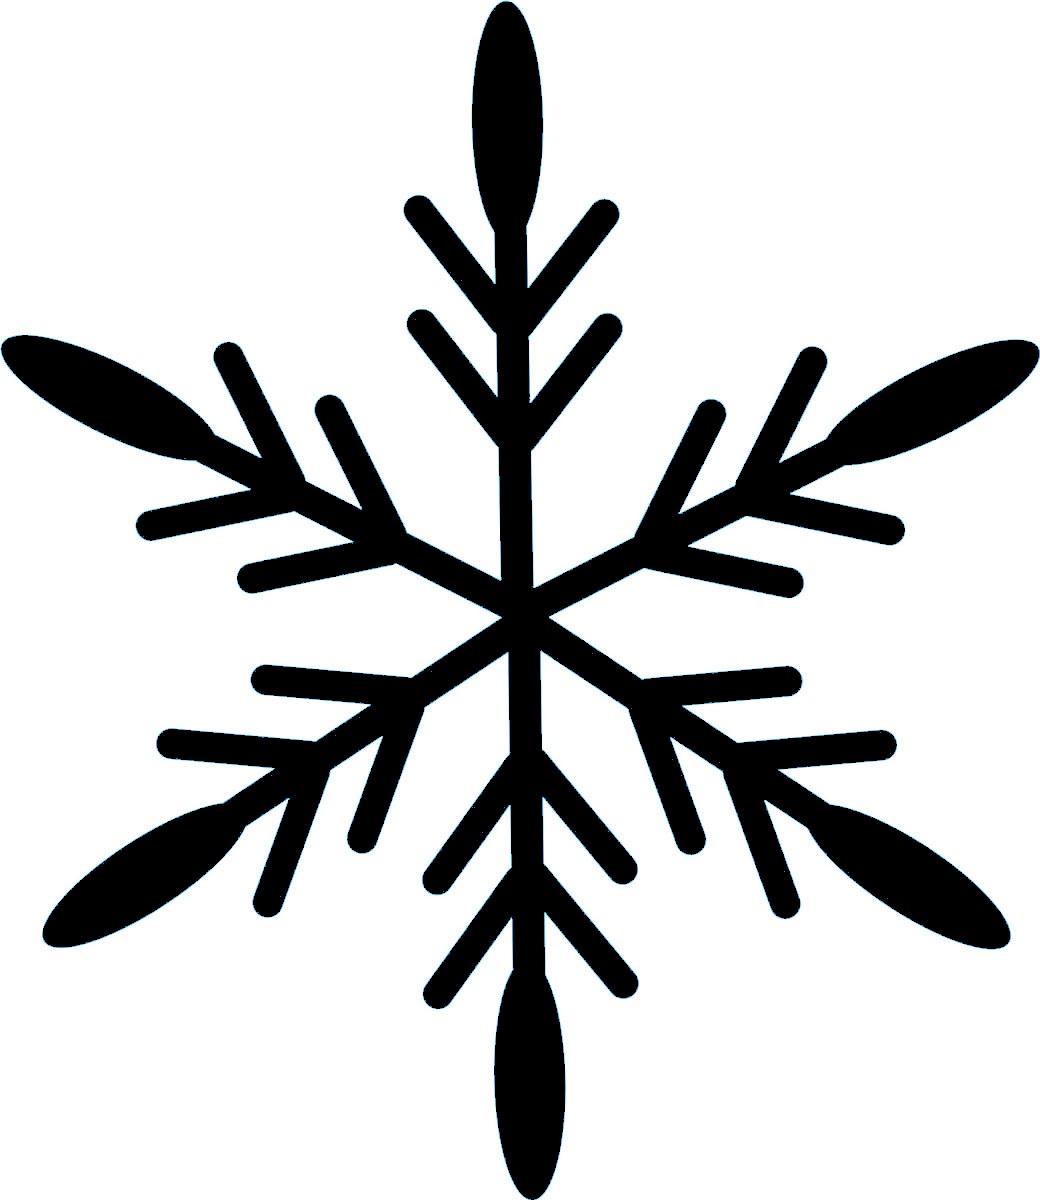 Фото - Наклейка ОранжевыйСлоник виниловая Снежинка6 для авто или интерьера, Винил авто